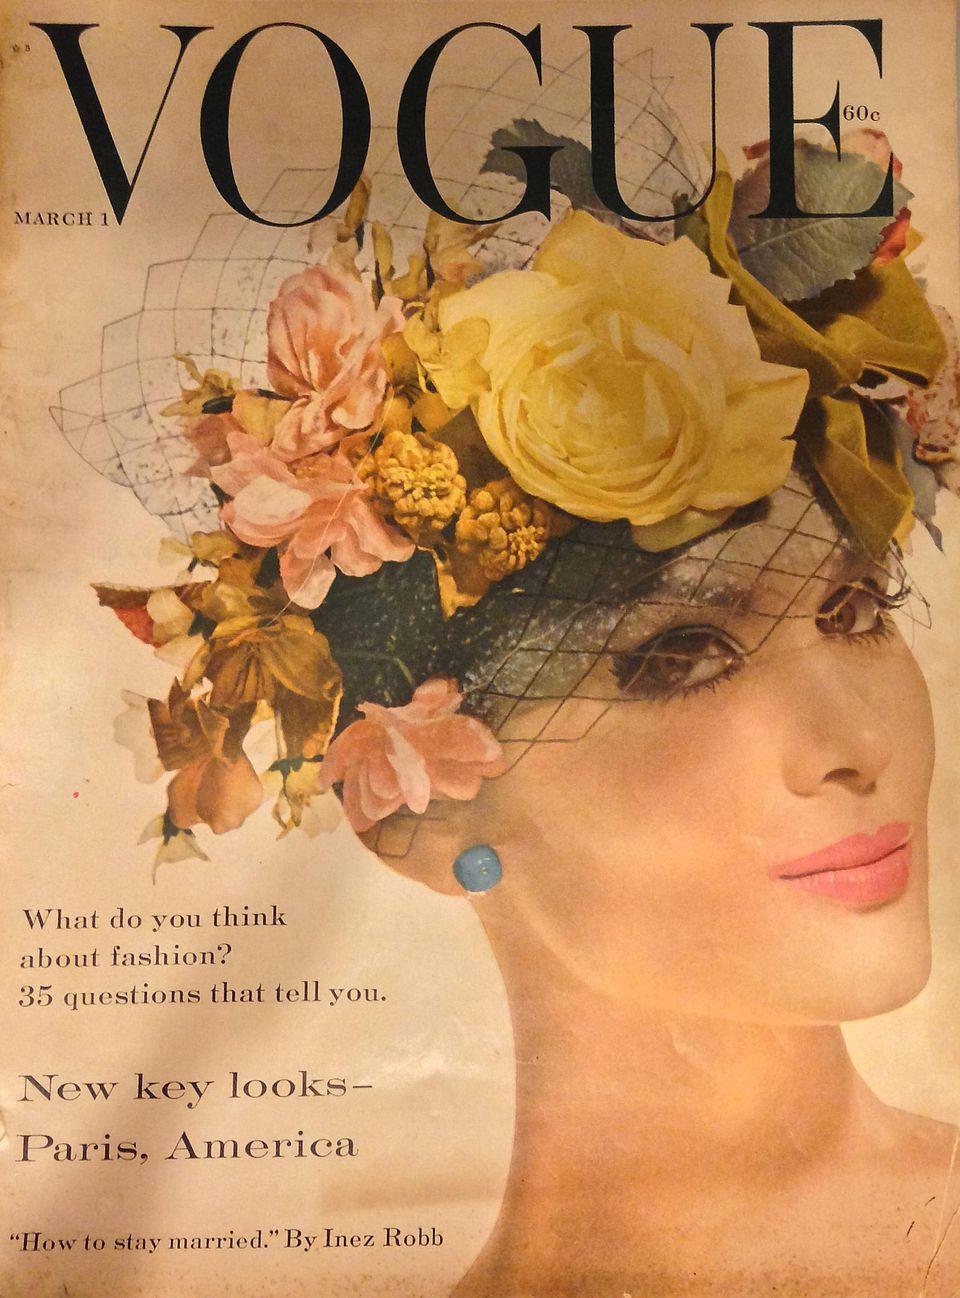 VogueMagazine.jpg